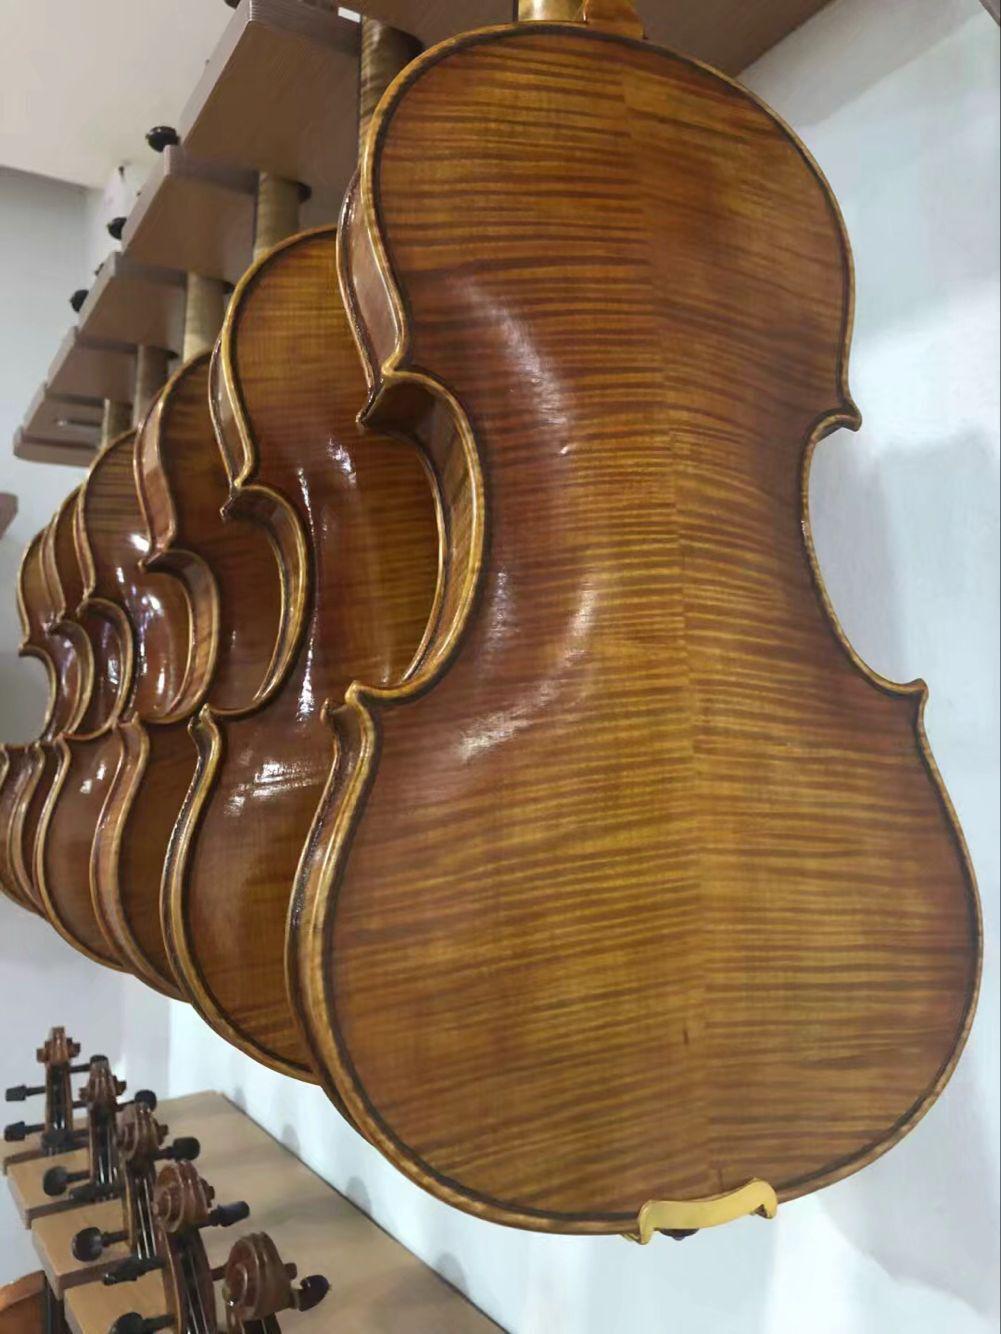 手工小提琴多少钱 手工小提琴生产厂家